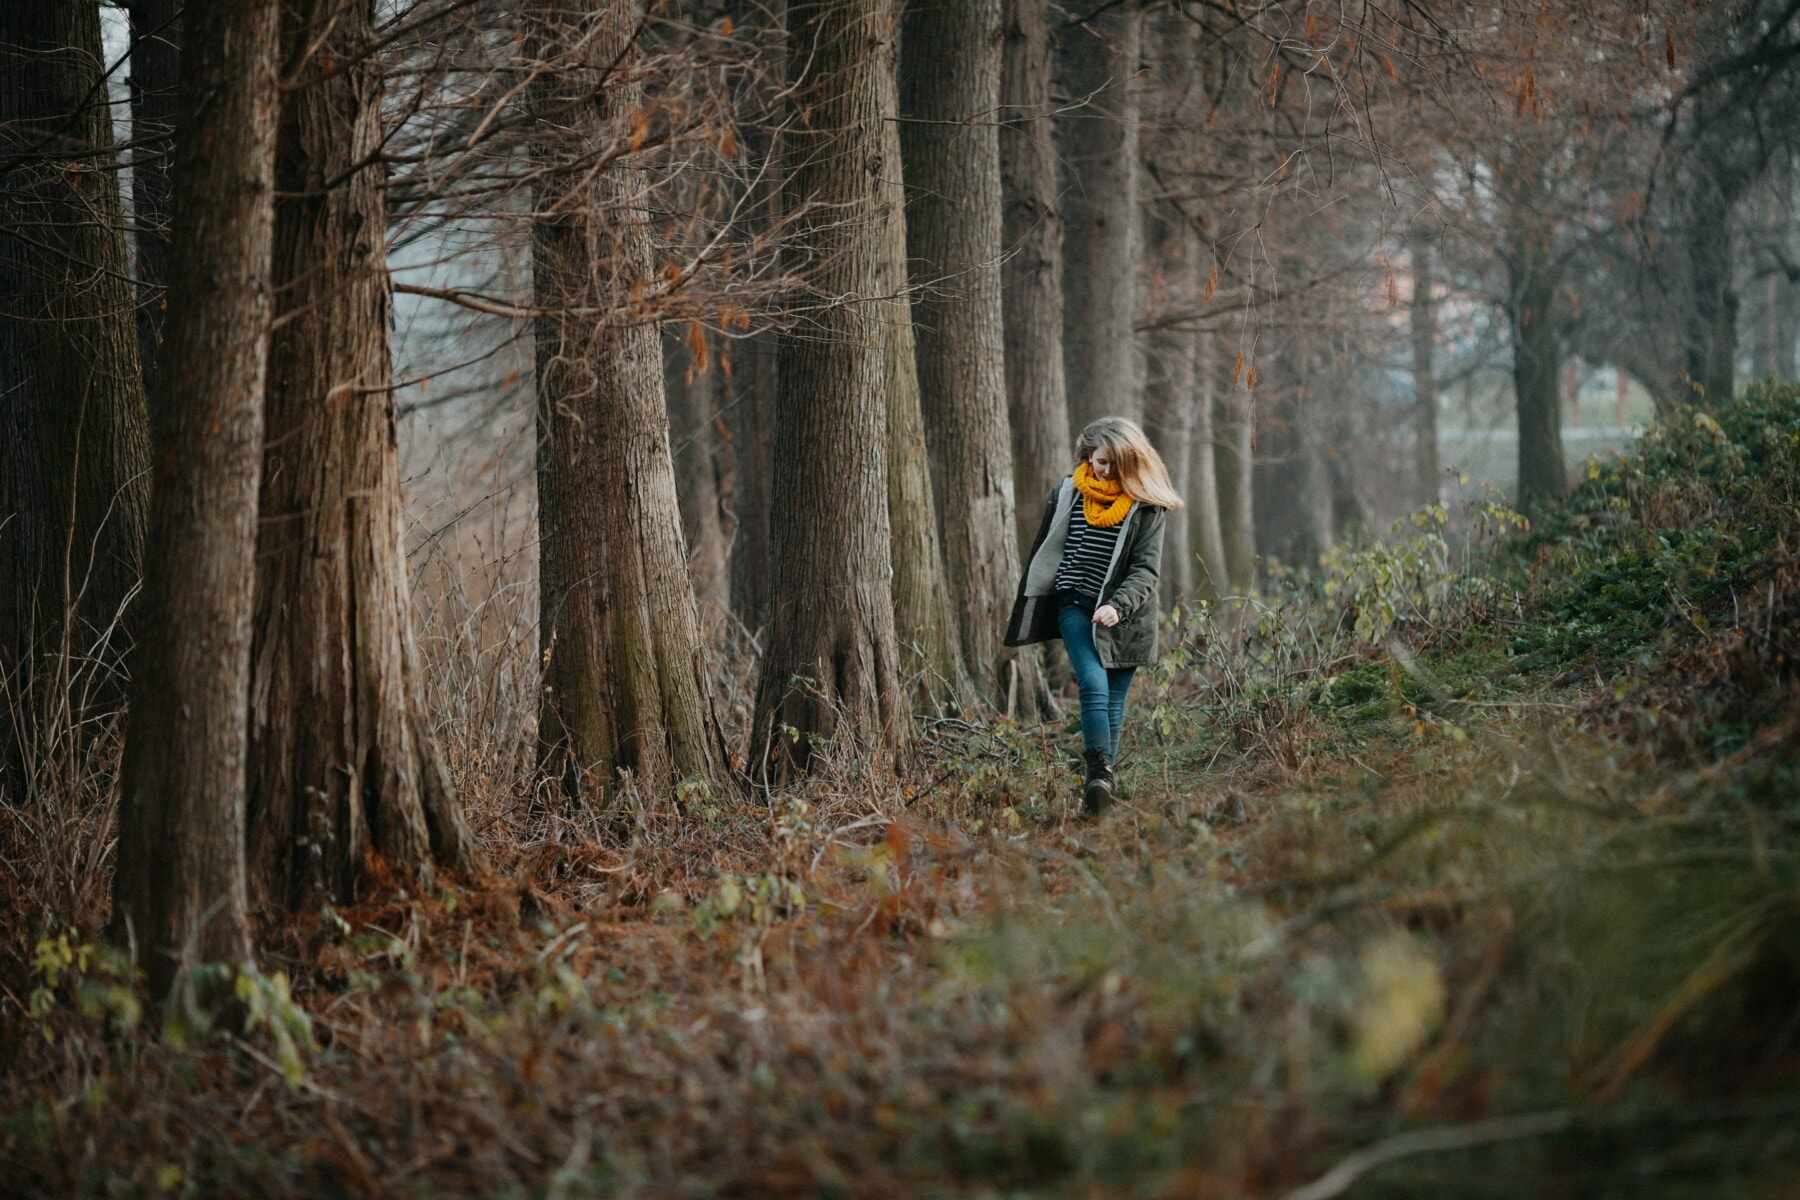 젊은 여자, 겨울, 숲의 경로, 혼자, 산책, 안개, 언덕, 나무, 소녀, 트리